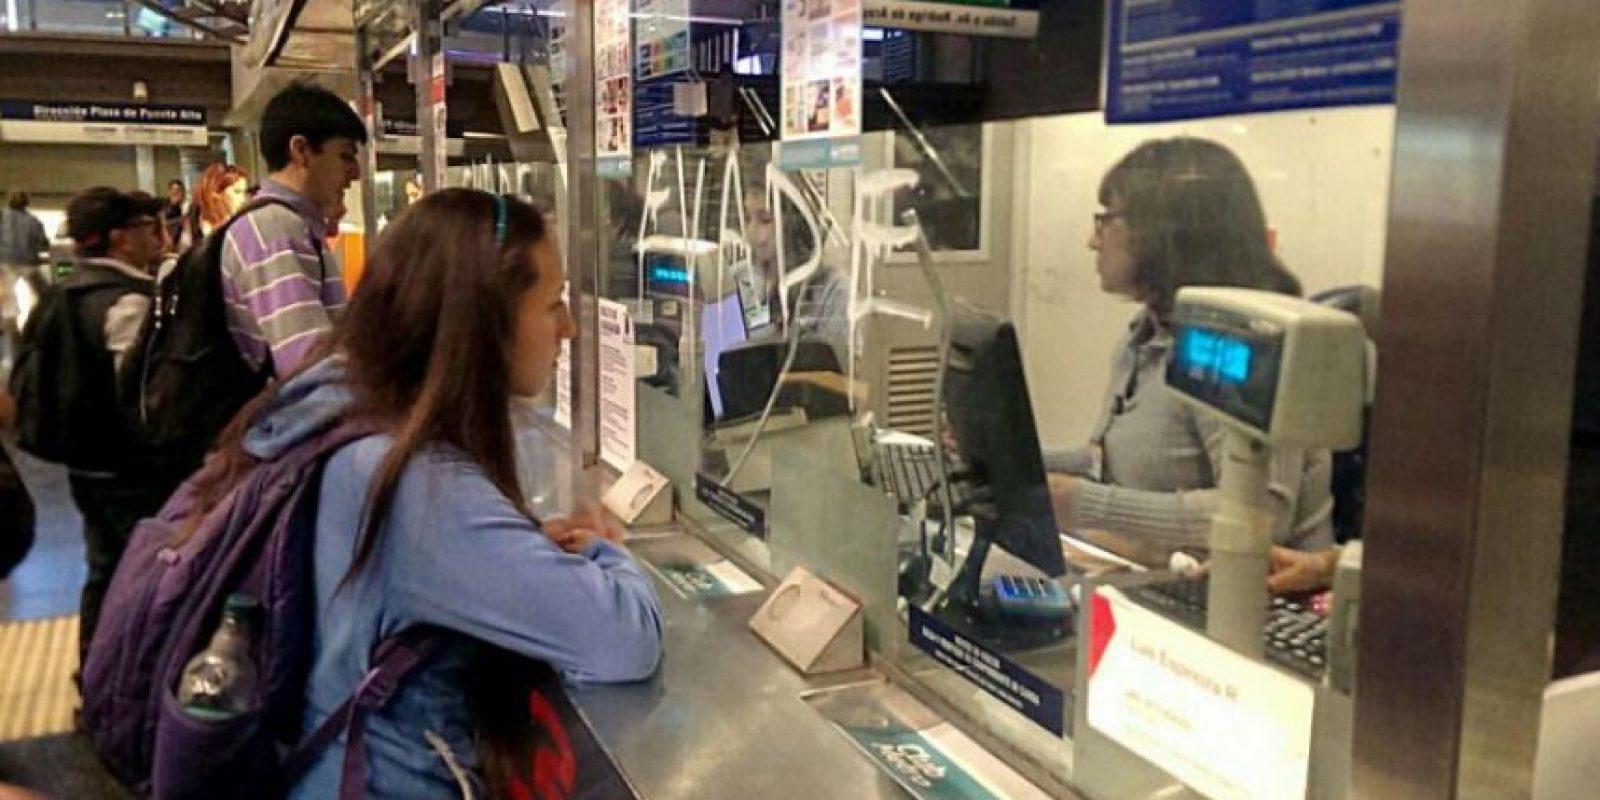 Los trabajadores de la empresa GSI, subcontratista del Metro de Santiago, paralizarán las boleterías desde la Universidad de Chile en la Línea 1 hasta los Dominicos y en la línea 4 desde Tobalaba hasta Macul. Foto:Agencia UNO. Imagen Por: